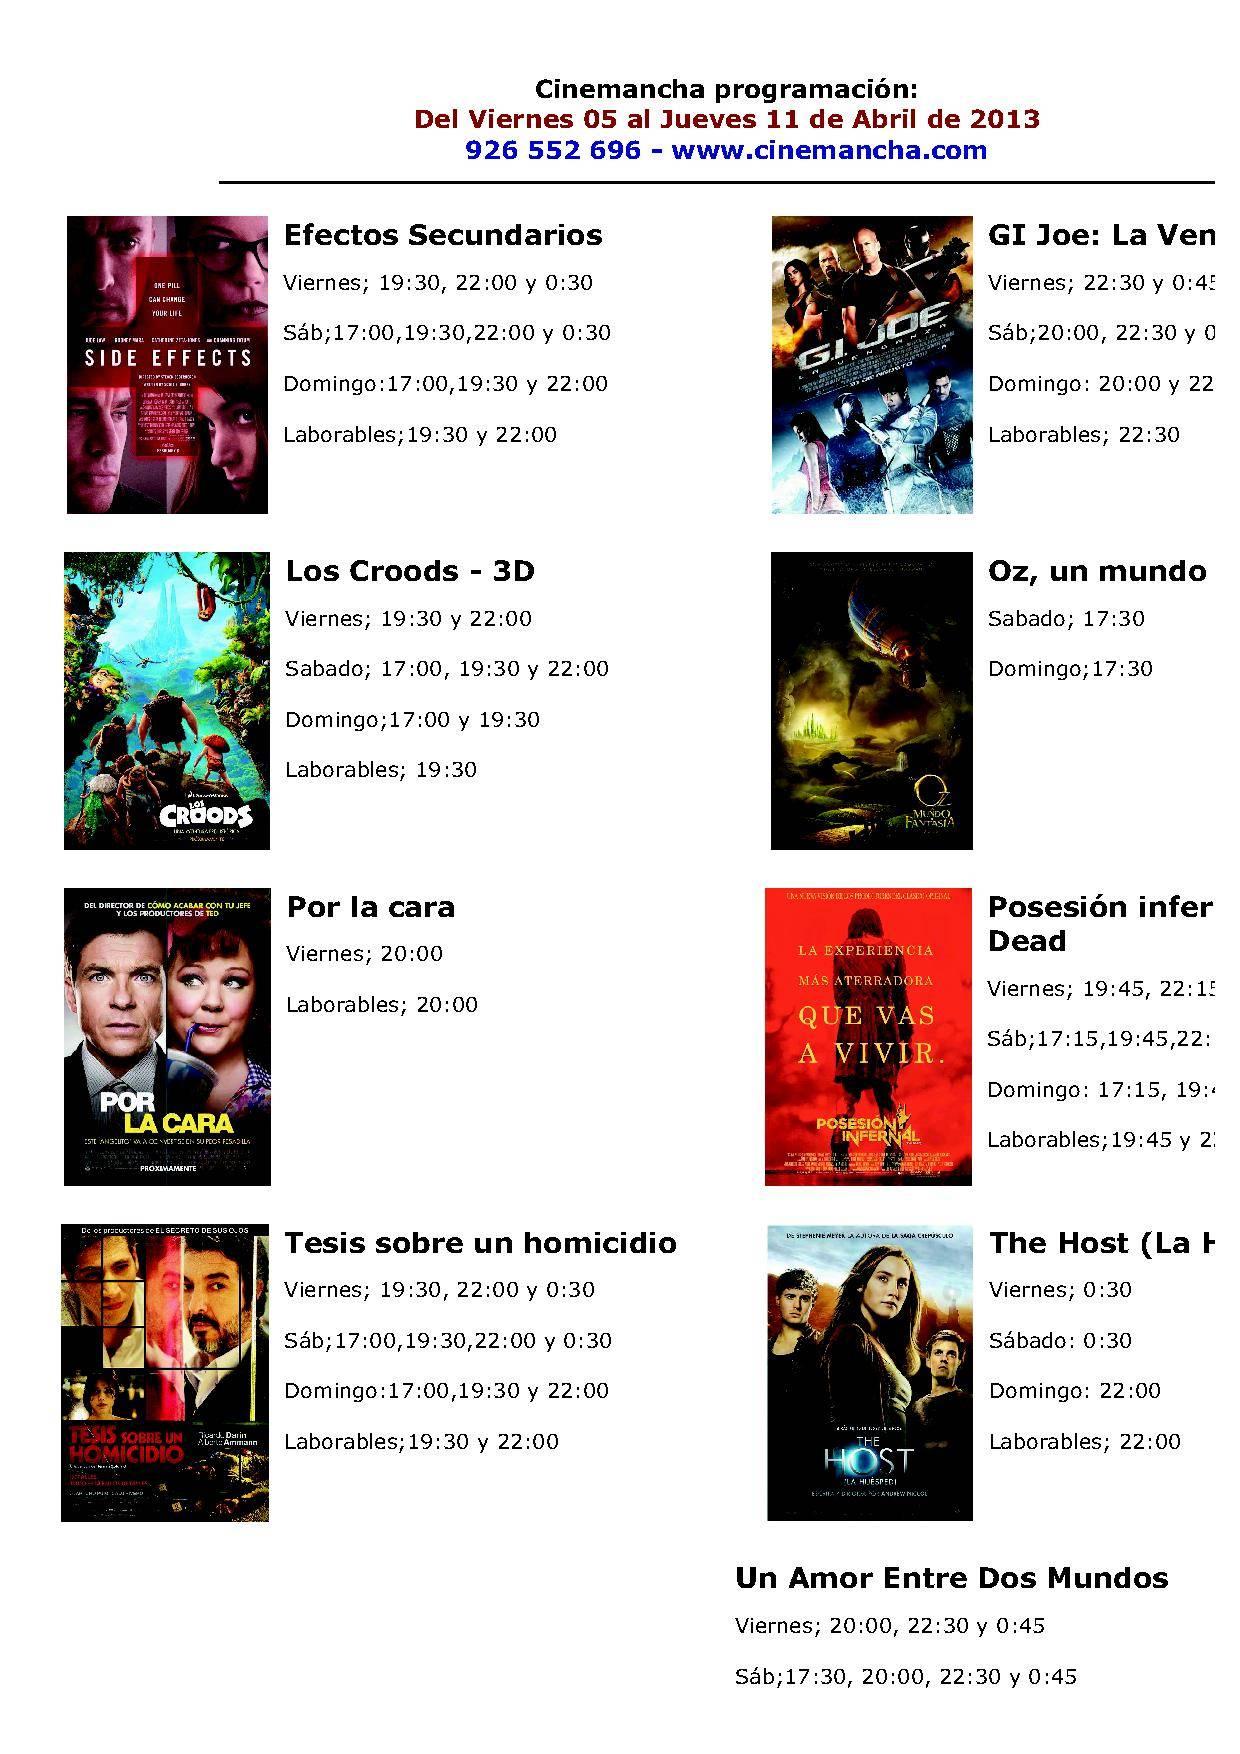 cartelera de cinemancha del 05 al 11 de abril - Programación Cinemancha del viernes 5 al jueves 11 de abril